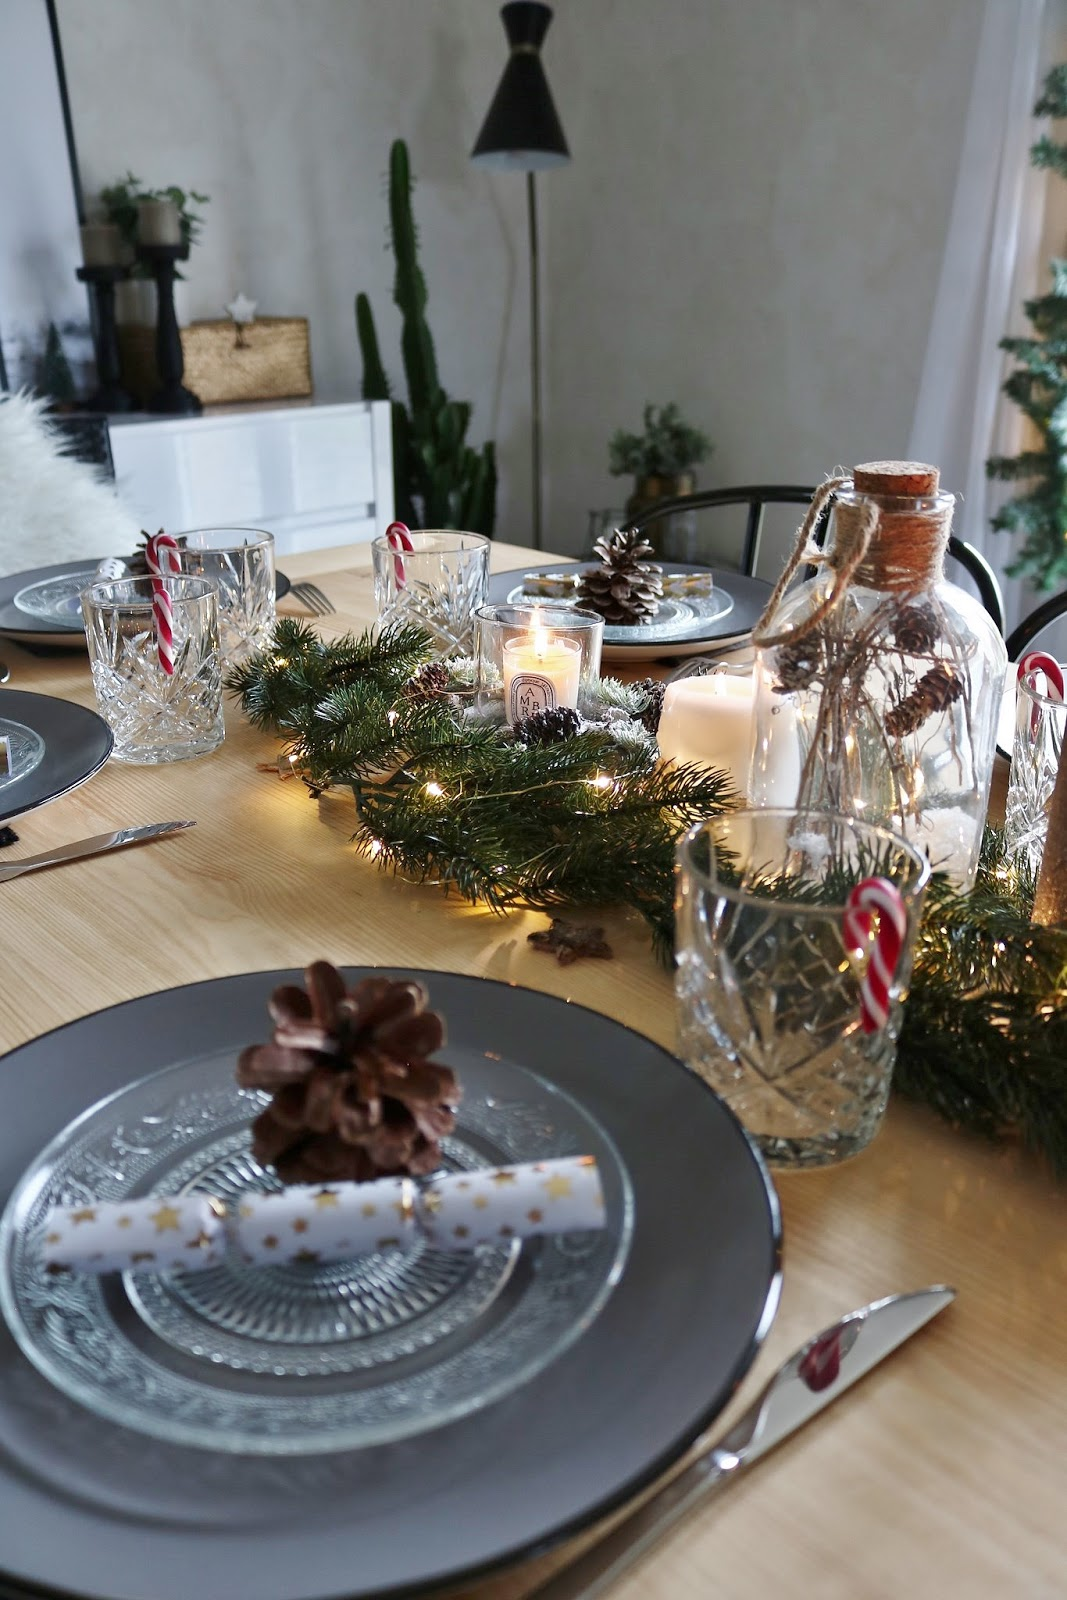 pauline-dress-table-de-noel-fetes-fin-d-annee-nouvel-an-nature-sapin-branches-cocooning-bois-tendance-pomme-de-pin-besancon